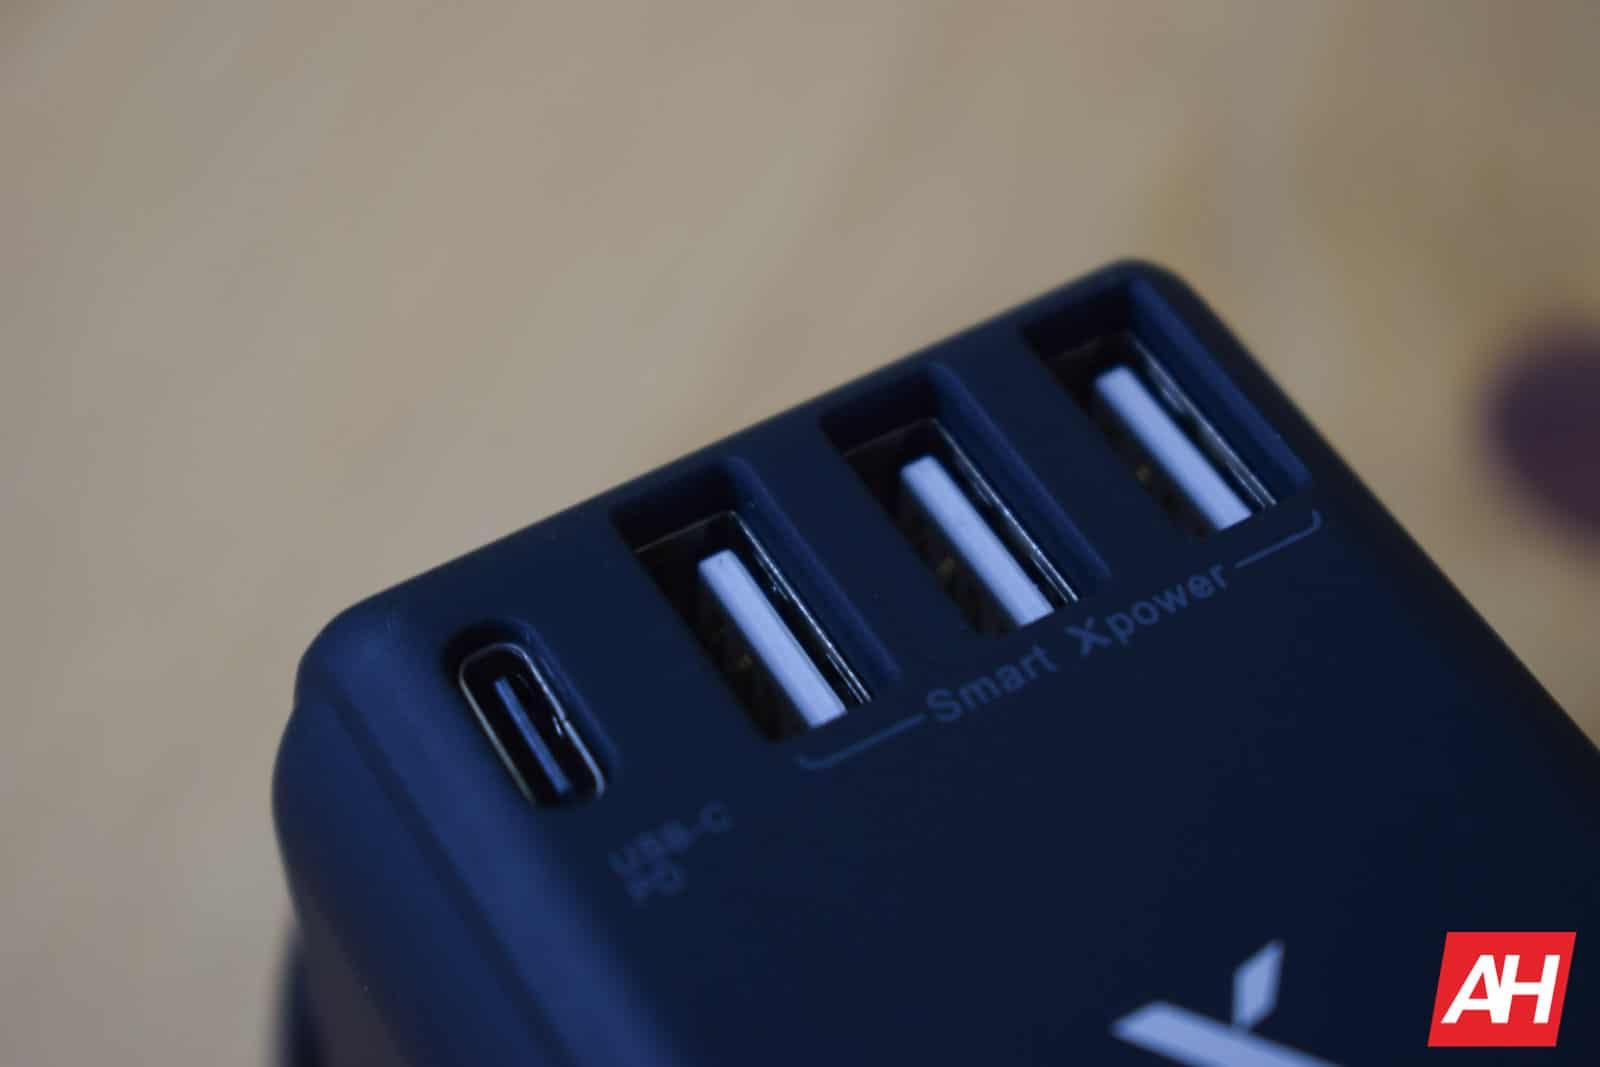 Xcentz Universal Travel Adapter AM AH 7